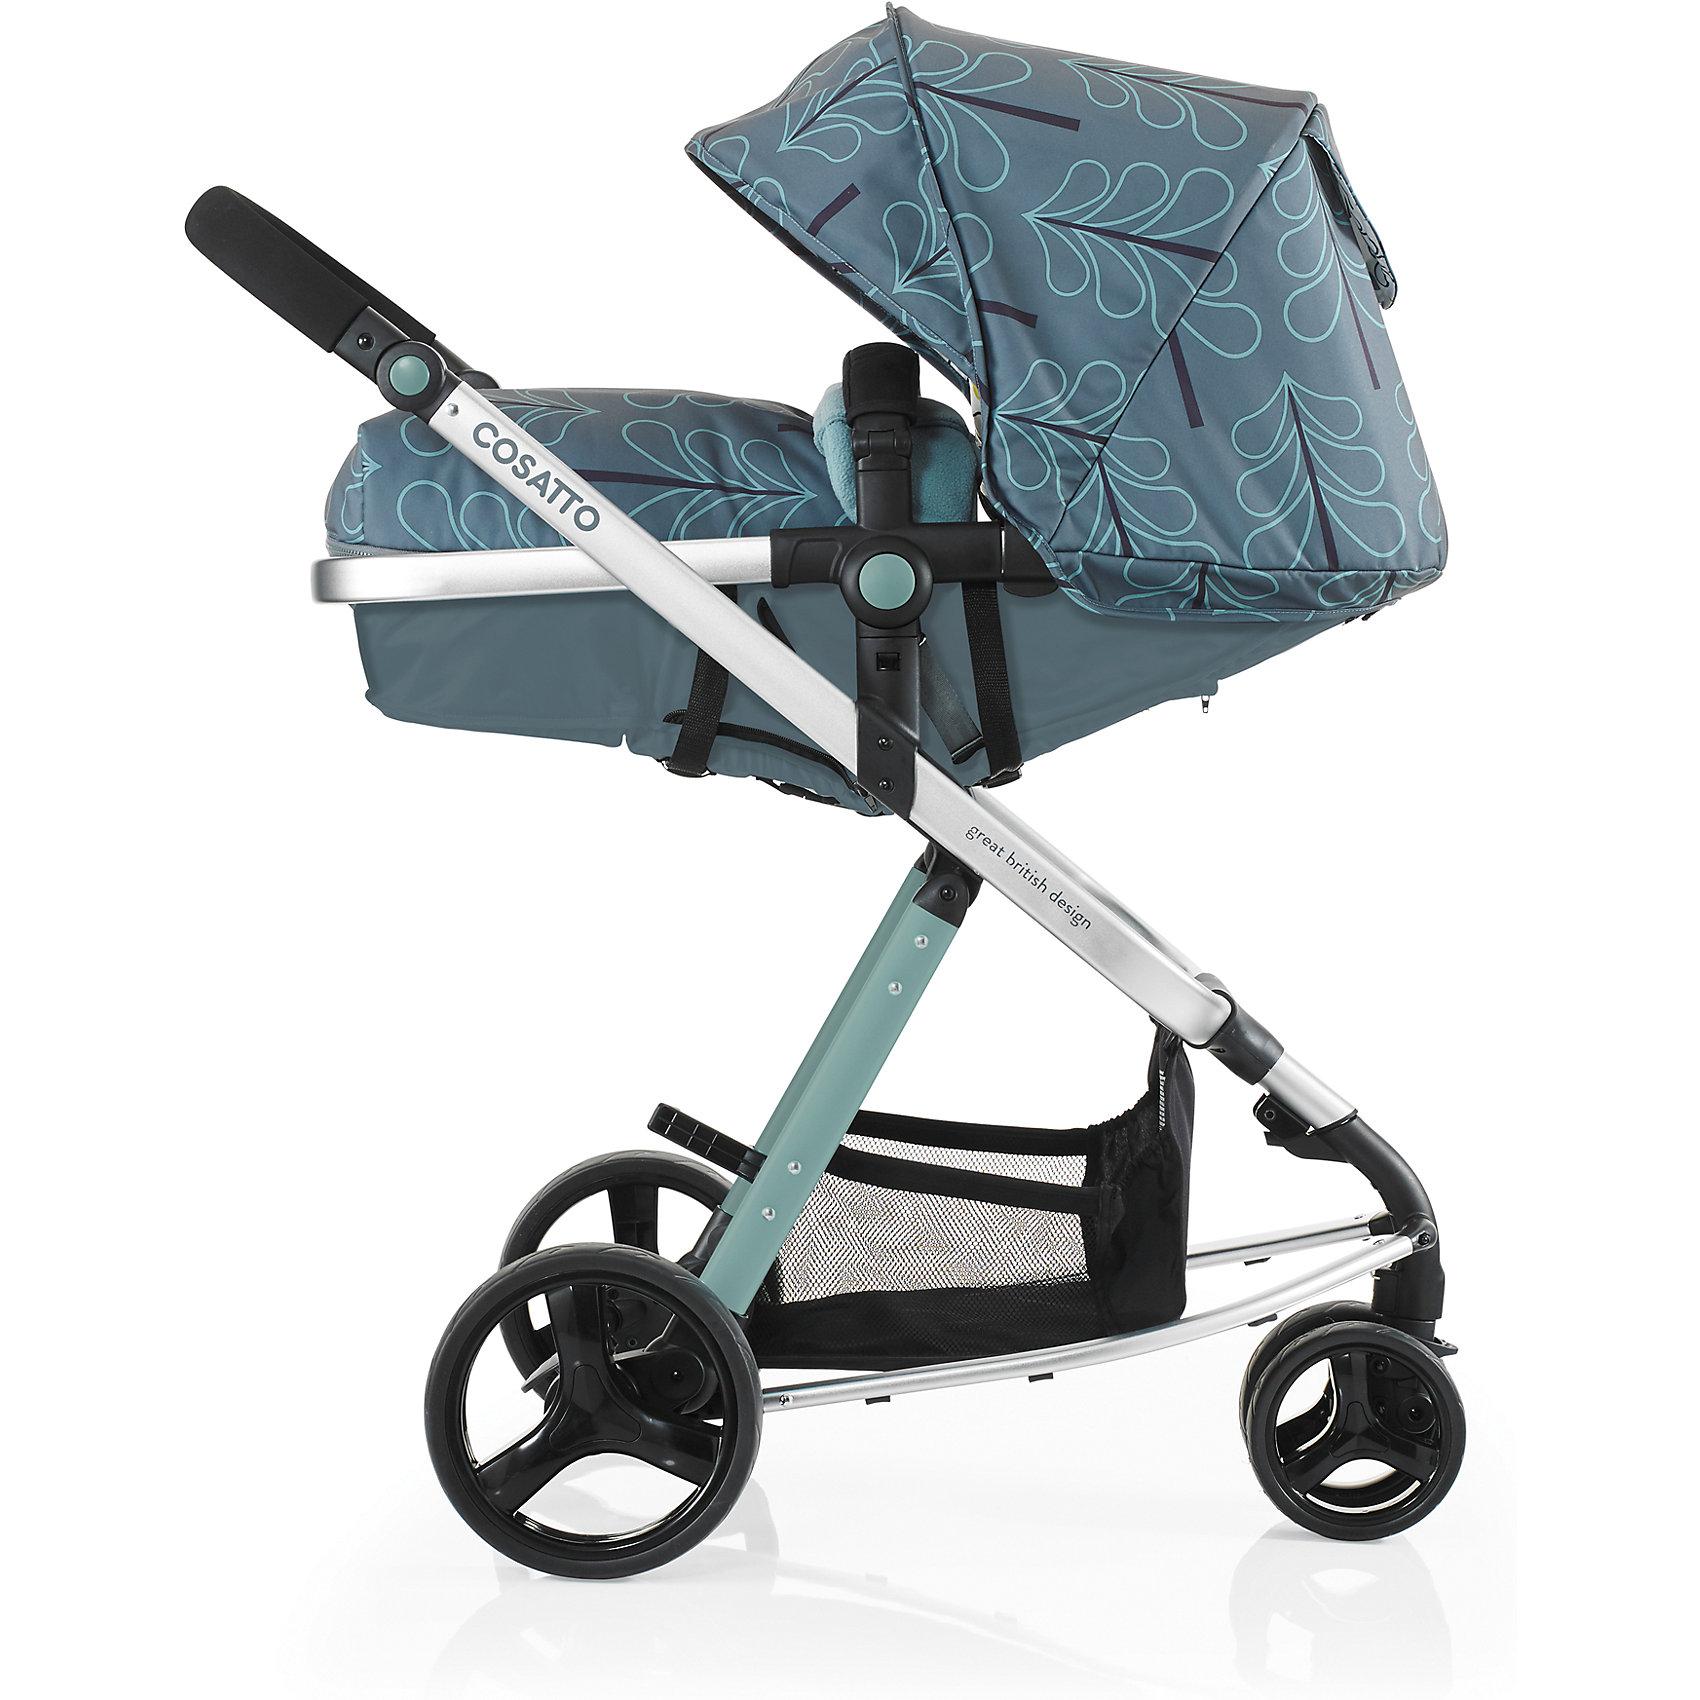 Коляска-трансформер Cosatto Woop, FjordКоляски-трансформеры<br>Для любителей функциональности коляски–трансформеры – настоящая находка. Люлька для малыша трансформируется в блок для прогулок. Все материалы, использованные при изготовлении аксессуара, безопасны и отвечают требованиям по качеству продукции.<br><br>Дополнительные характеристики: <br><br>цвет: Fjord;<br>возраст: до 15 кг;<br>колеса с амортизацией;<br>спинка наклоняется в четырех позициях;<br>регулировка высоты ручки;<br>материал шасси: алюминий;<br>габариты: 97 х 62,5 см;<br>комплектация: блок для прогулок, люлька, подголовник, складывающиеся шасси, защита от дождя и солнца, регулируемая ручка, сумка для мамы, чехол для ножек, матрас.<br><br>Коляску-трансформер WOOP от компании Cosatto можно приобрести в нашем магазине.<br><br>Ширина мм: 1000<br>Глубина мм: 500<br>Высота мм: 330<br>Вес г: 15500<br>Возраст от месяцев: 0<br>Возраст до месяцев: 36<br>Пол: Унисекс<br>Возраст: Детский<br>SKU: 5444512